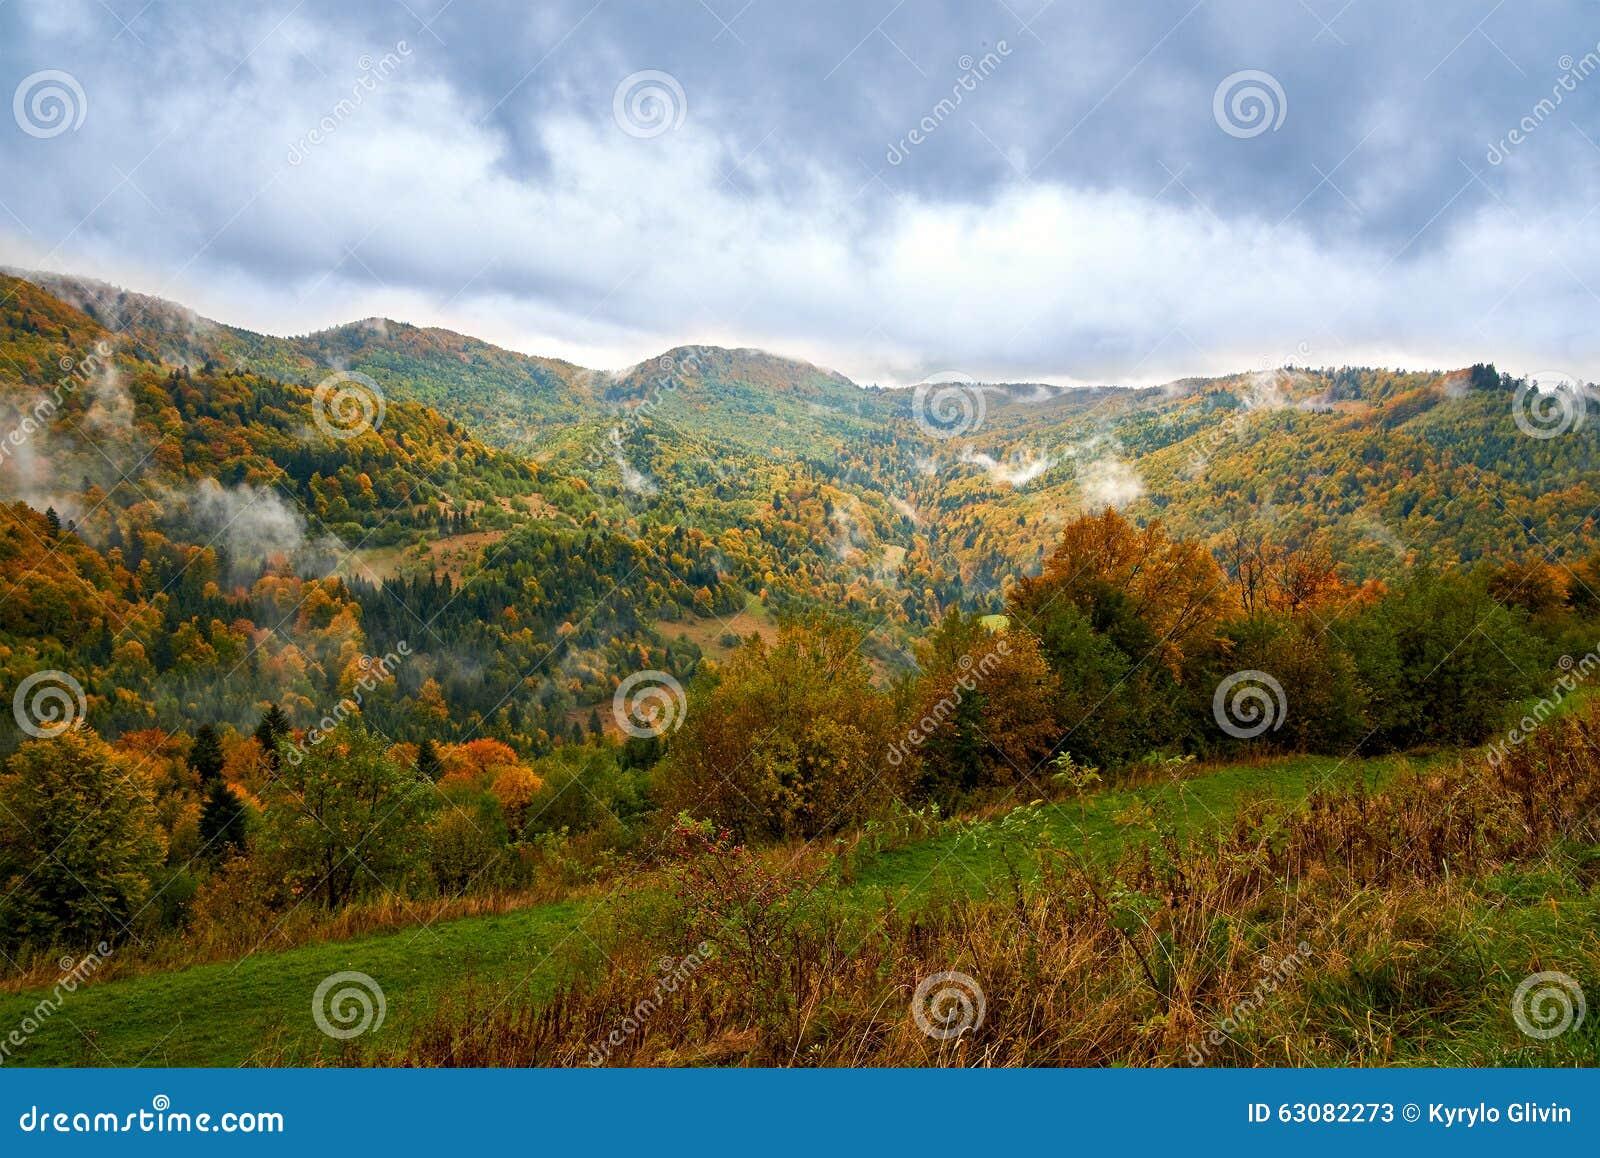 Download Paysage De Montagne Avec Des Nuages Et Des Arbres Colorés Image stock - Image du alpes, montagne: 63082273